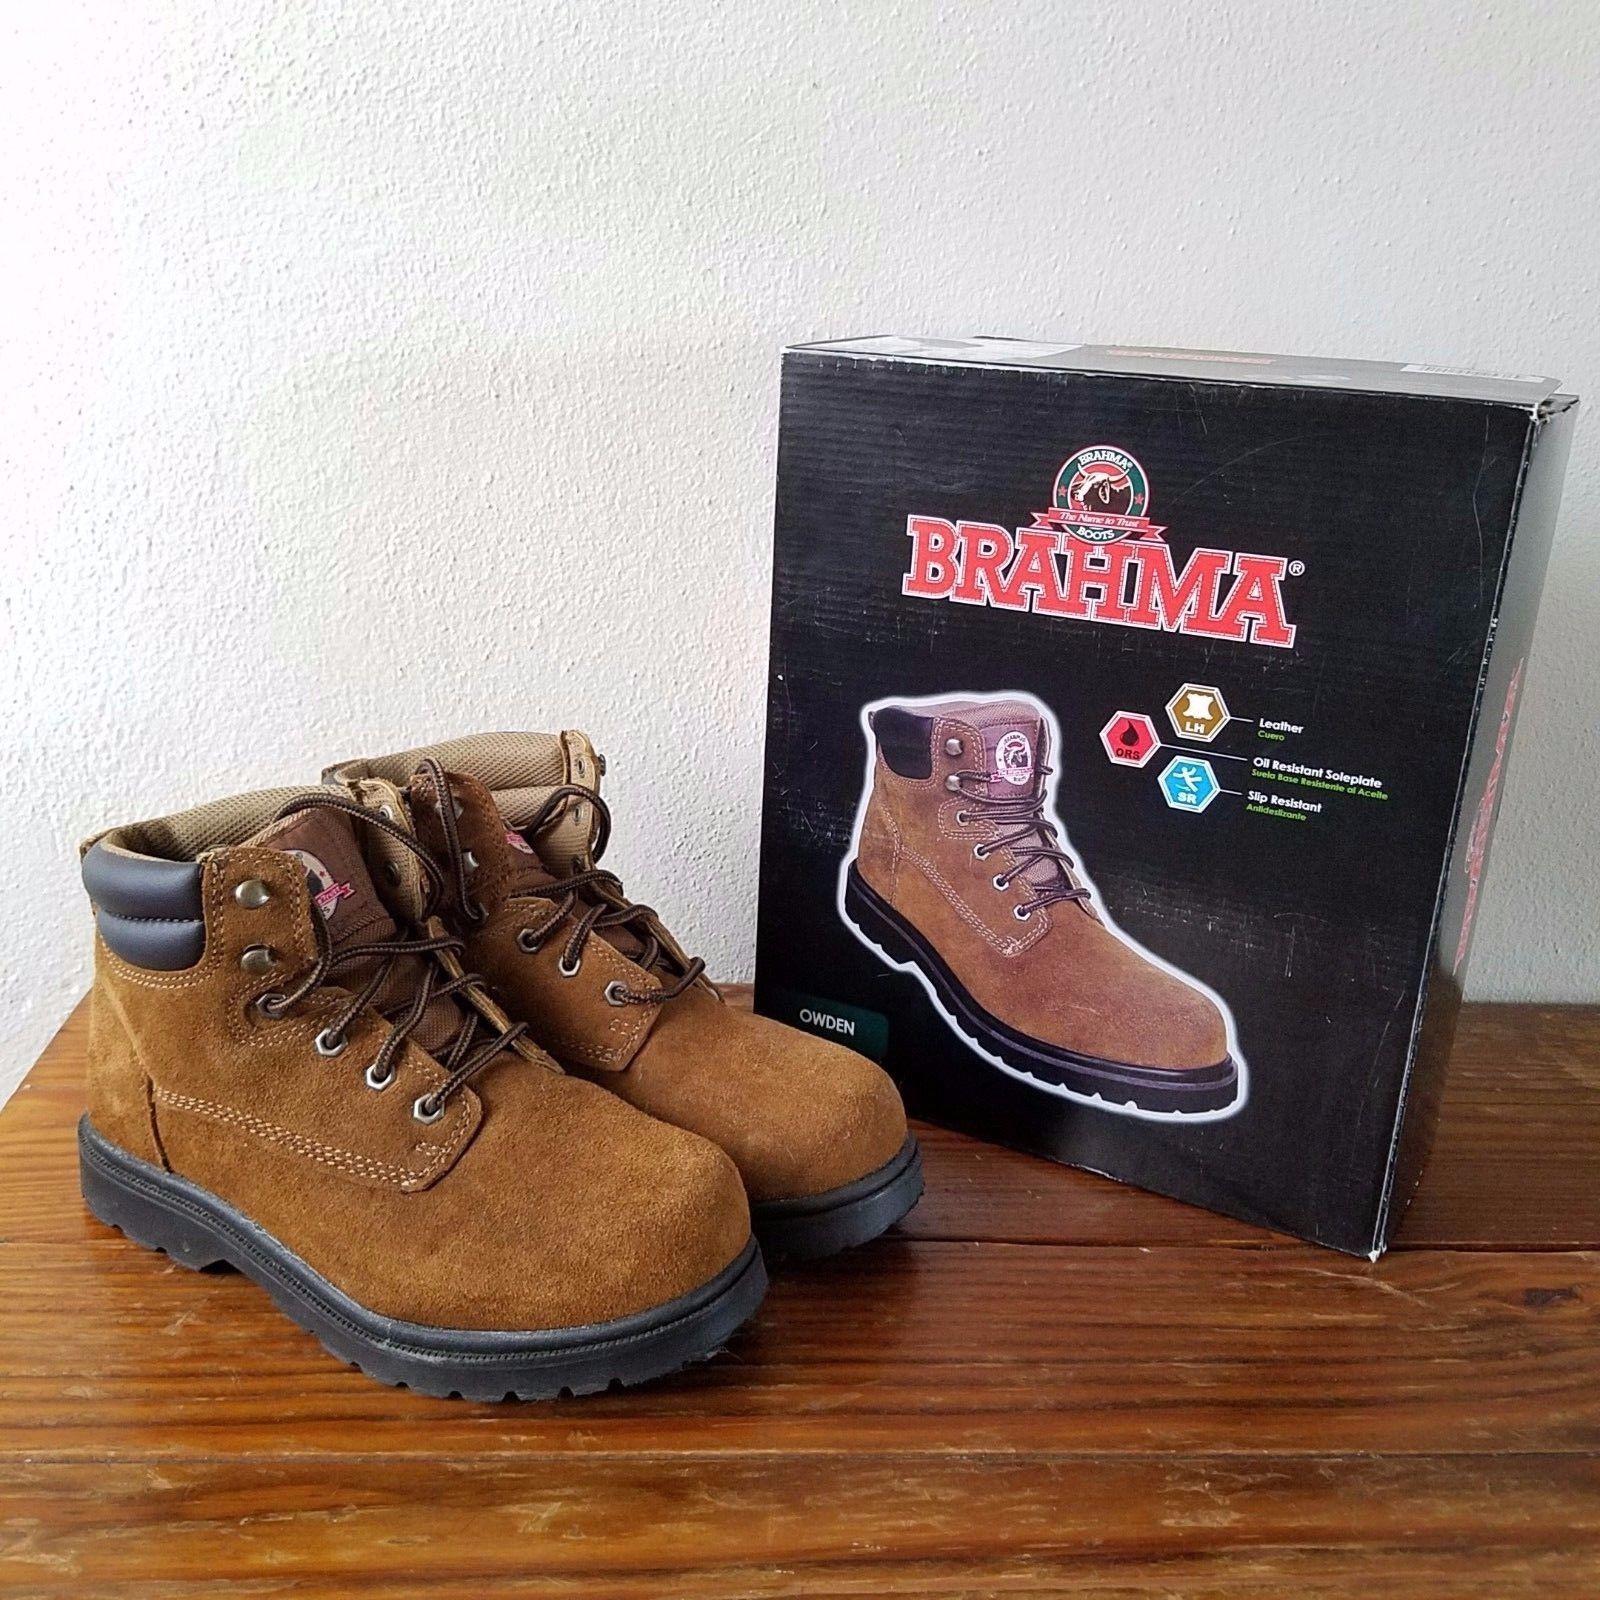 17d7c0454e7 Details about NIB Unisex Brown BRAHMA Owden Leather Work Boots MEN ...